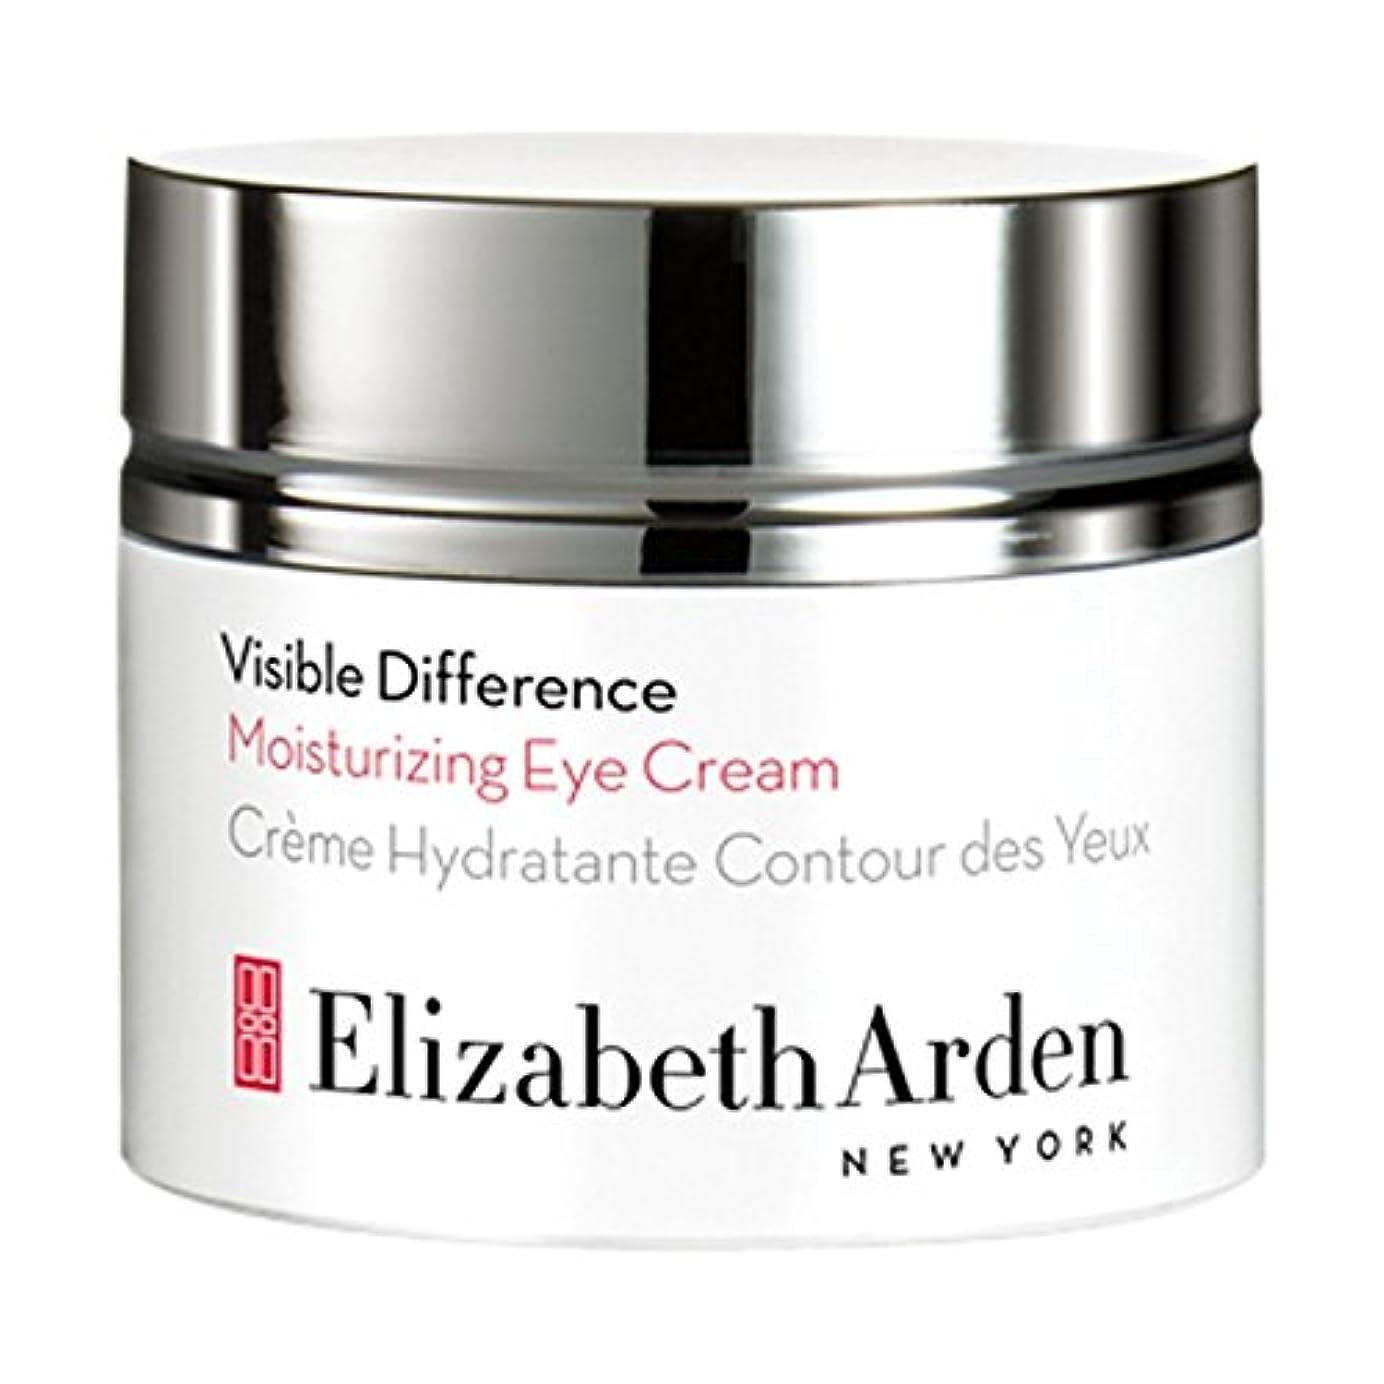 八百屋さん資産正確さElizabeth Arden Visible Difference Moisturizing Eye Cream 15ml - エリザベスは、目に見える差保湿アイクリーム15ミリリットルをアーデン [並行輸入品]